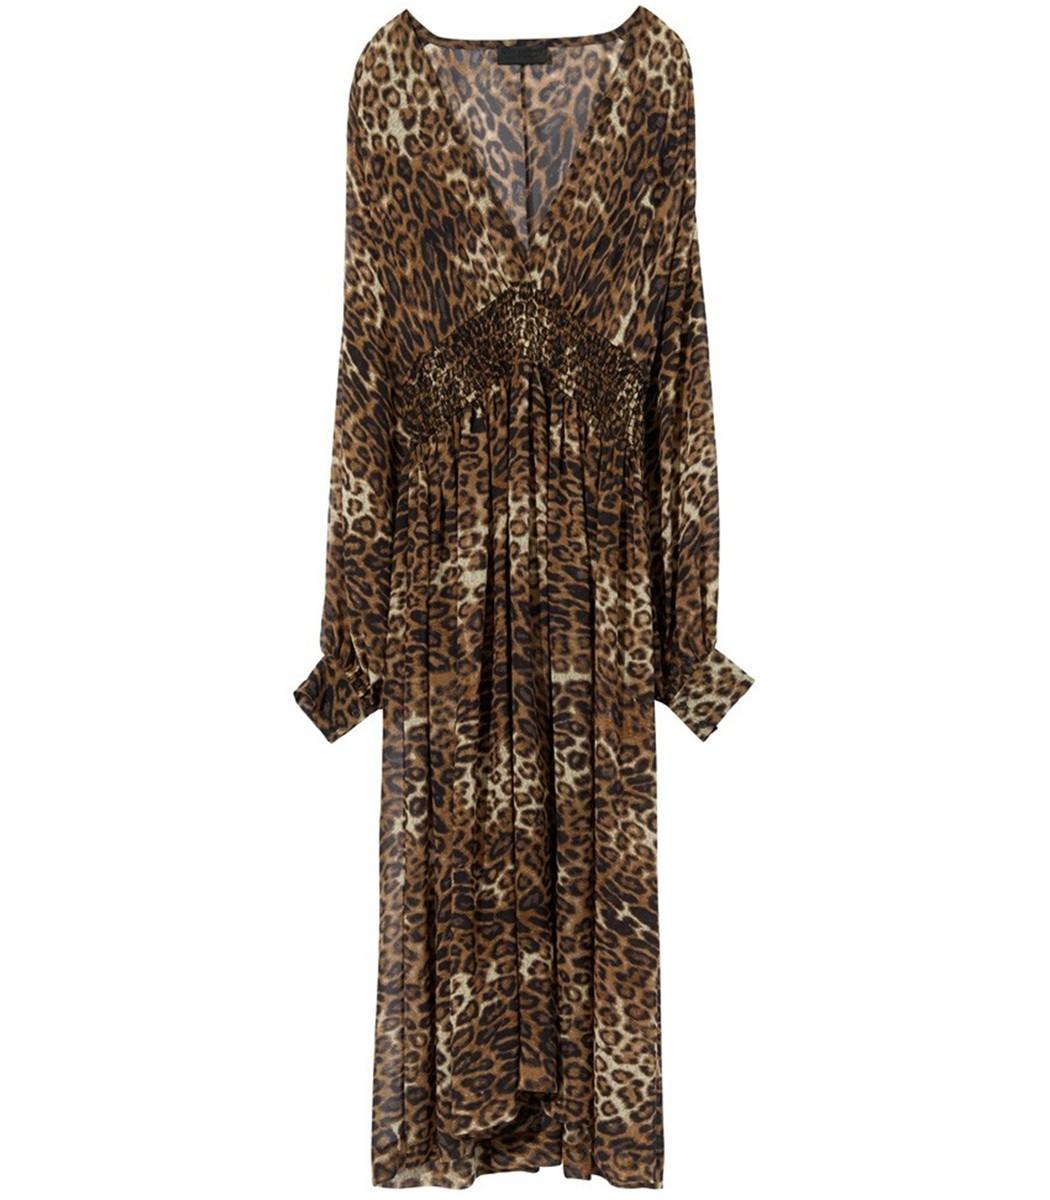 Leopard Print Brienne Dress